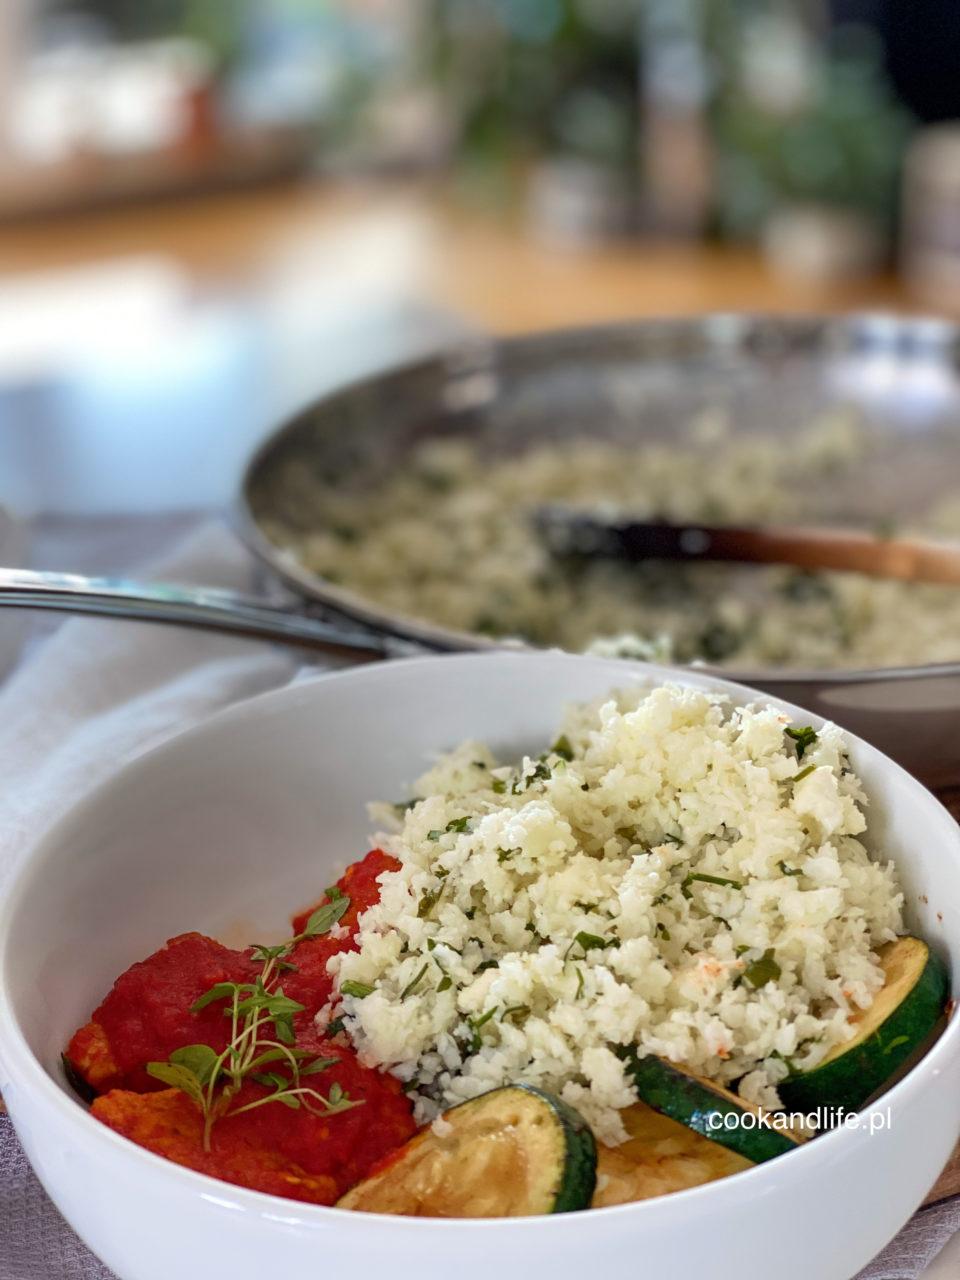 Ryż z kalafiora do obiadu - pyszny przepis